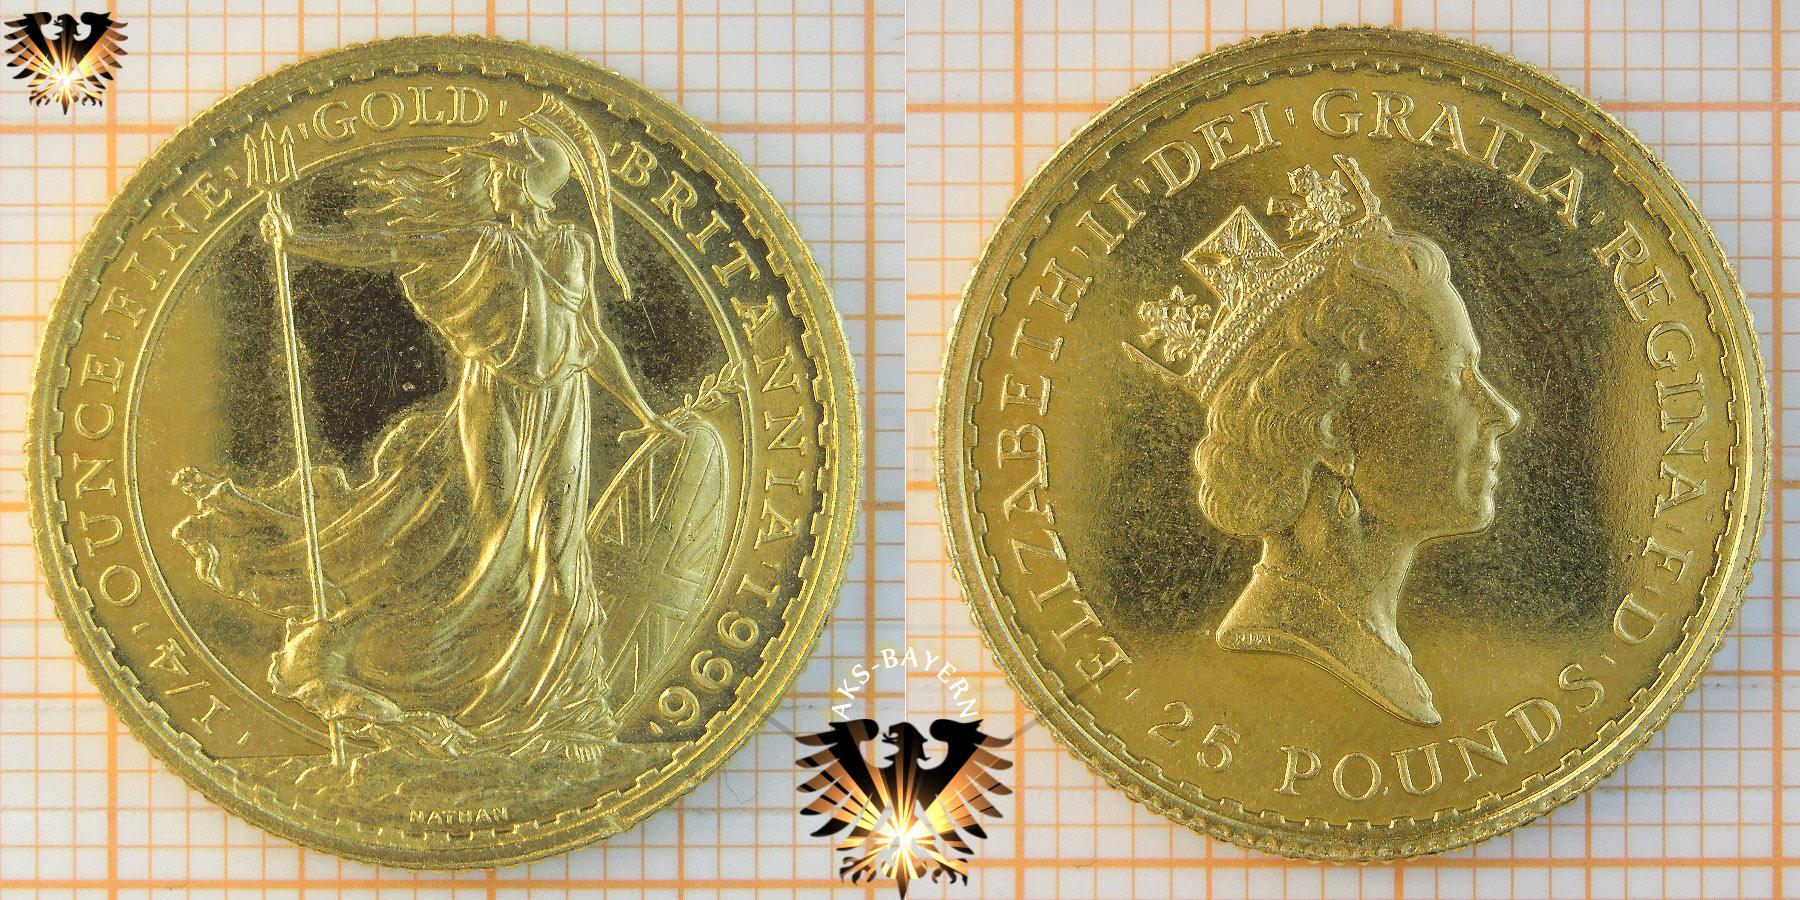 Britannia, 1/4 ounce finegold, 1996, Großbritannien, 25 Pounds, UK © goldankaufstelle-bayern.de